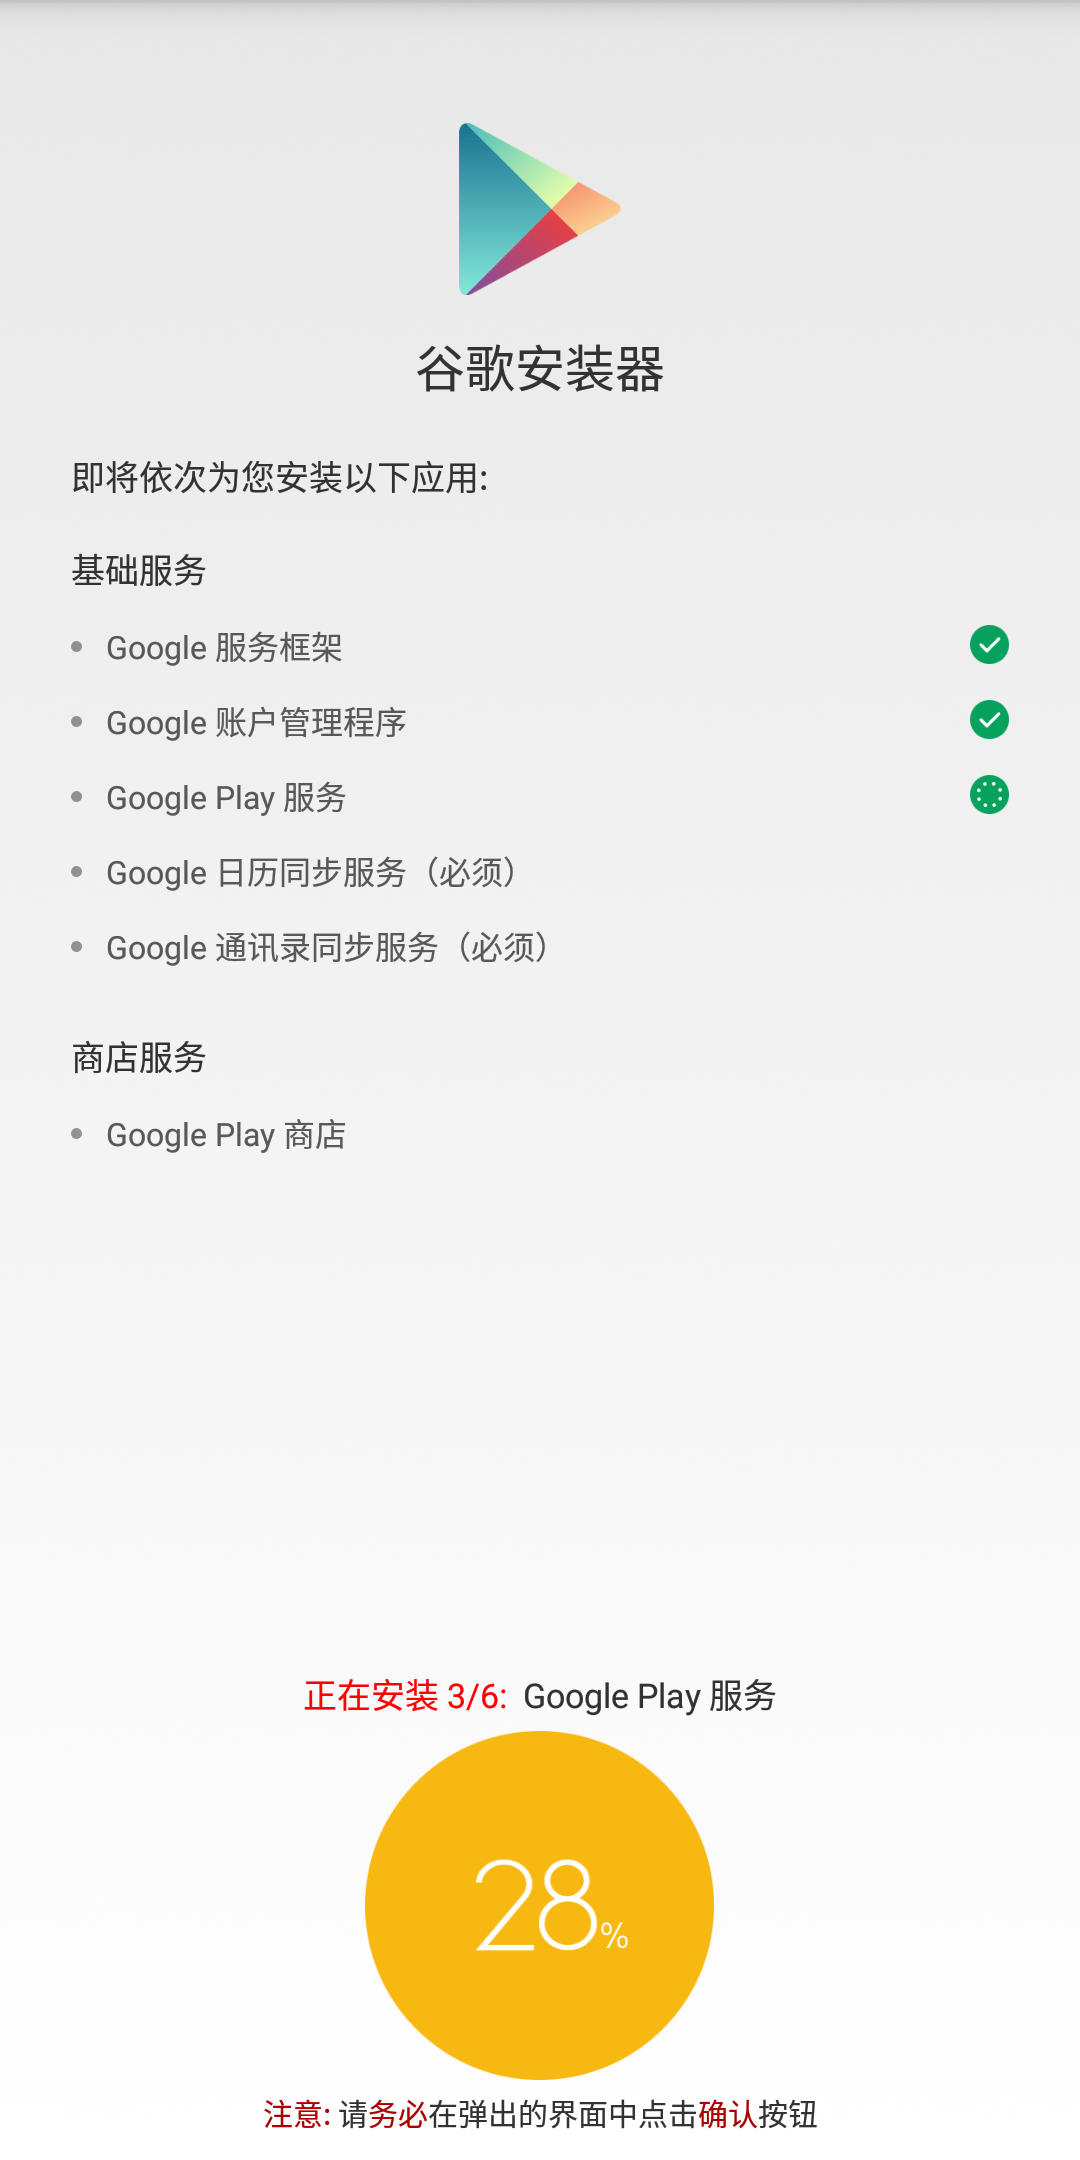 Screenshot_2018-04-23-13-52-39-241_com.ericxiang.googleinstaller.png